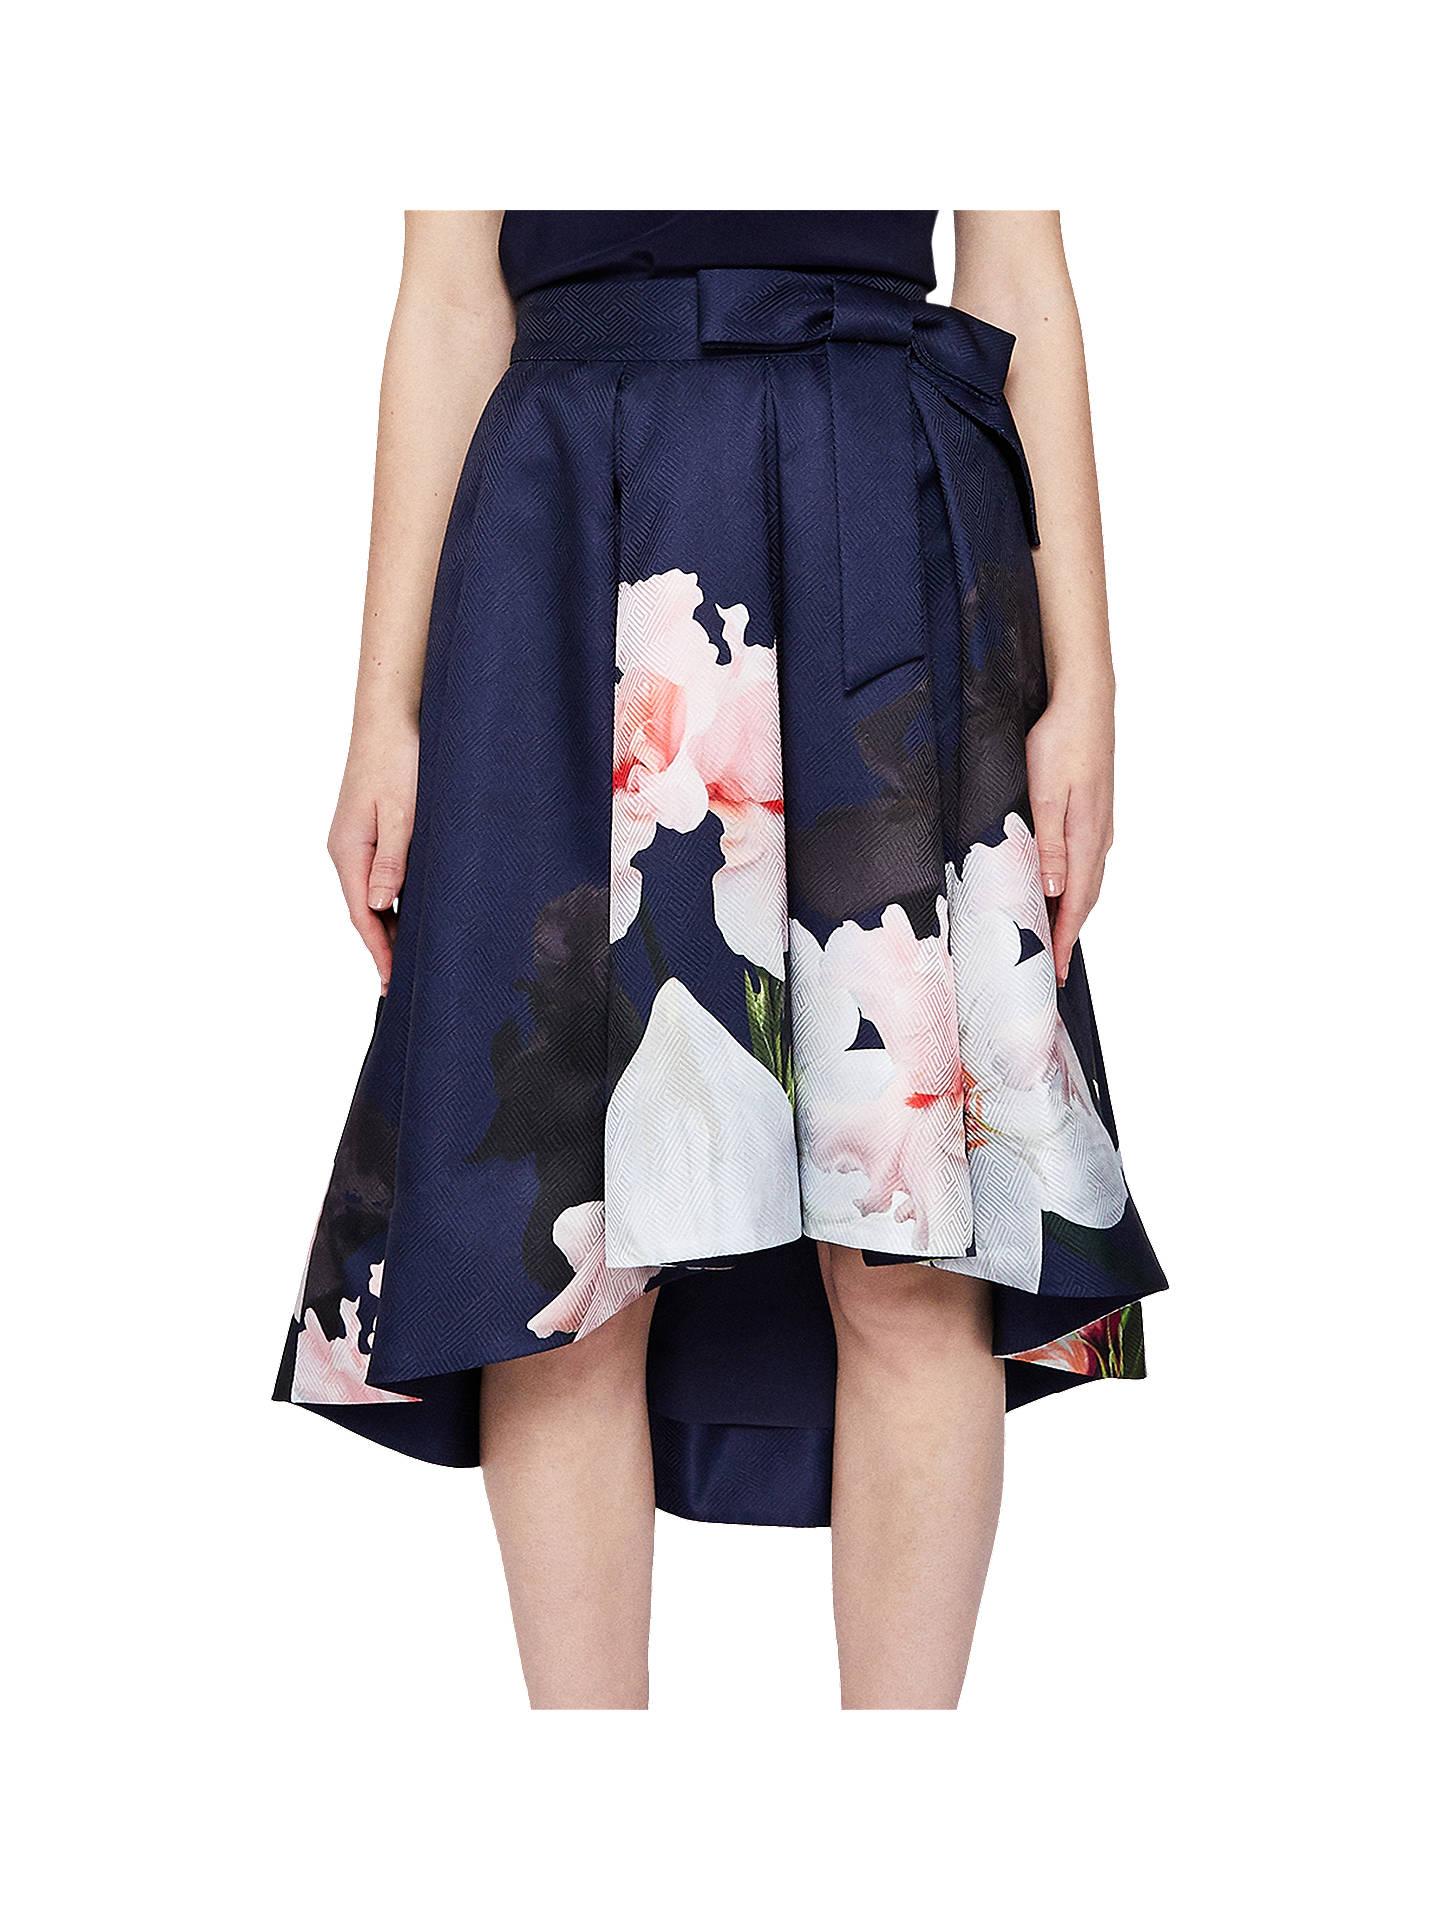 2b23f1d20 Buy Ted Baker Thali Chatsworth Midi Skirt, Navy/Multi, 0 Online at  johnlewis ...